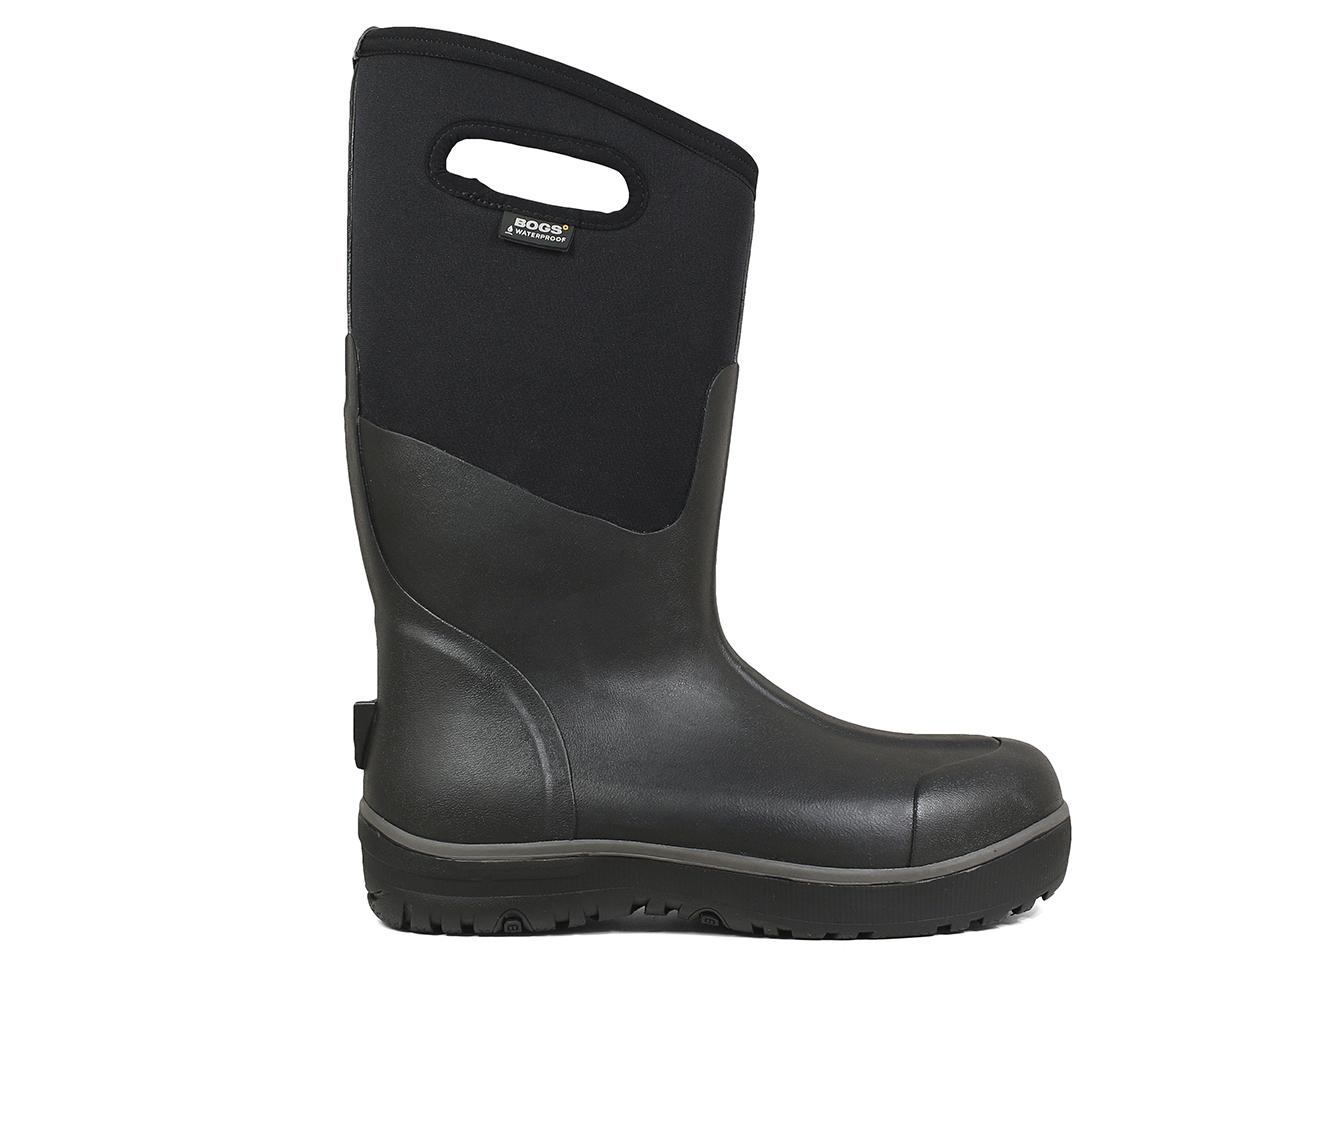 Bogs Footwear Ultra High Waterproof Men's Boots (Black Fabric)